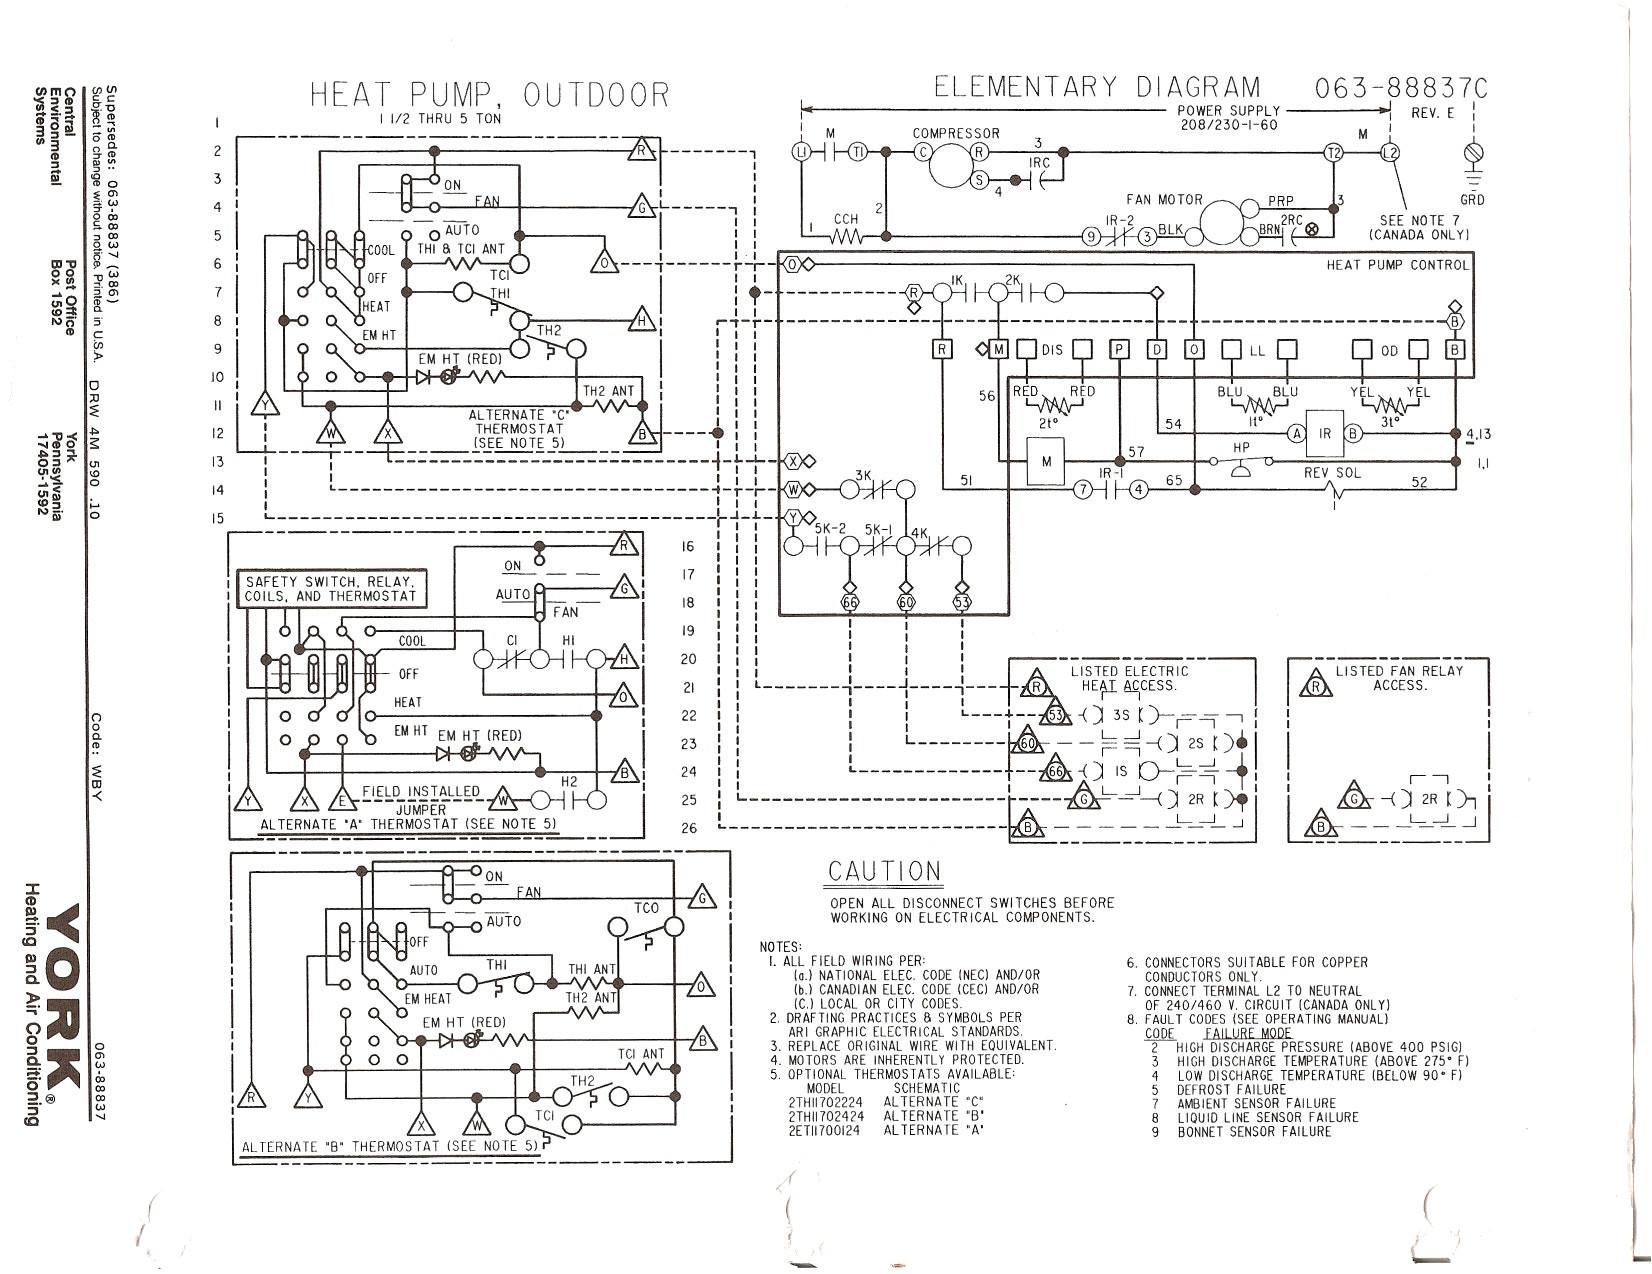 Ruud Heat Pump Wiring Schematic